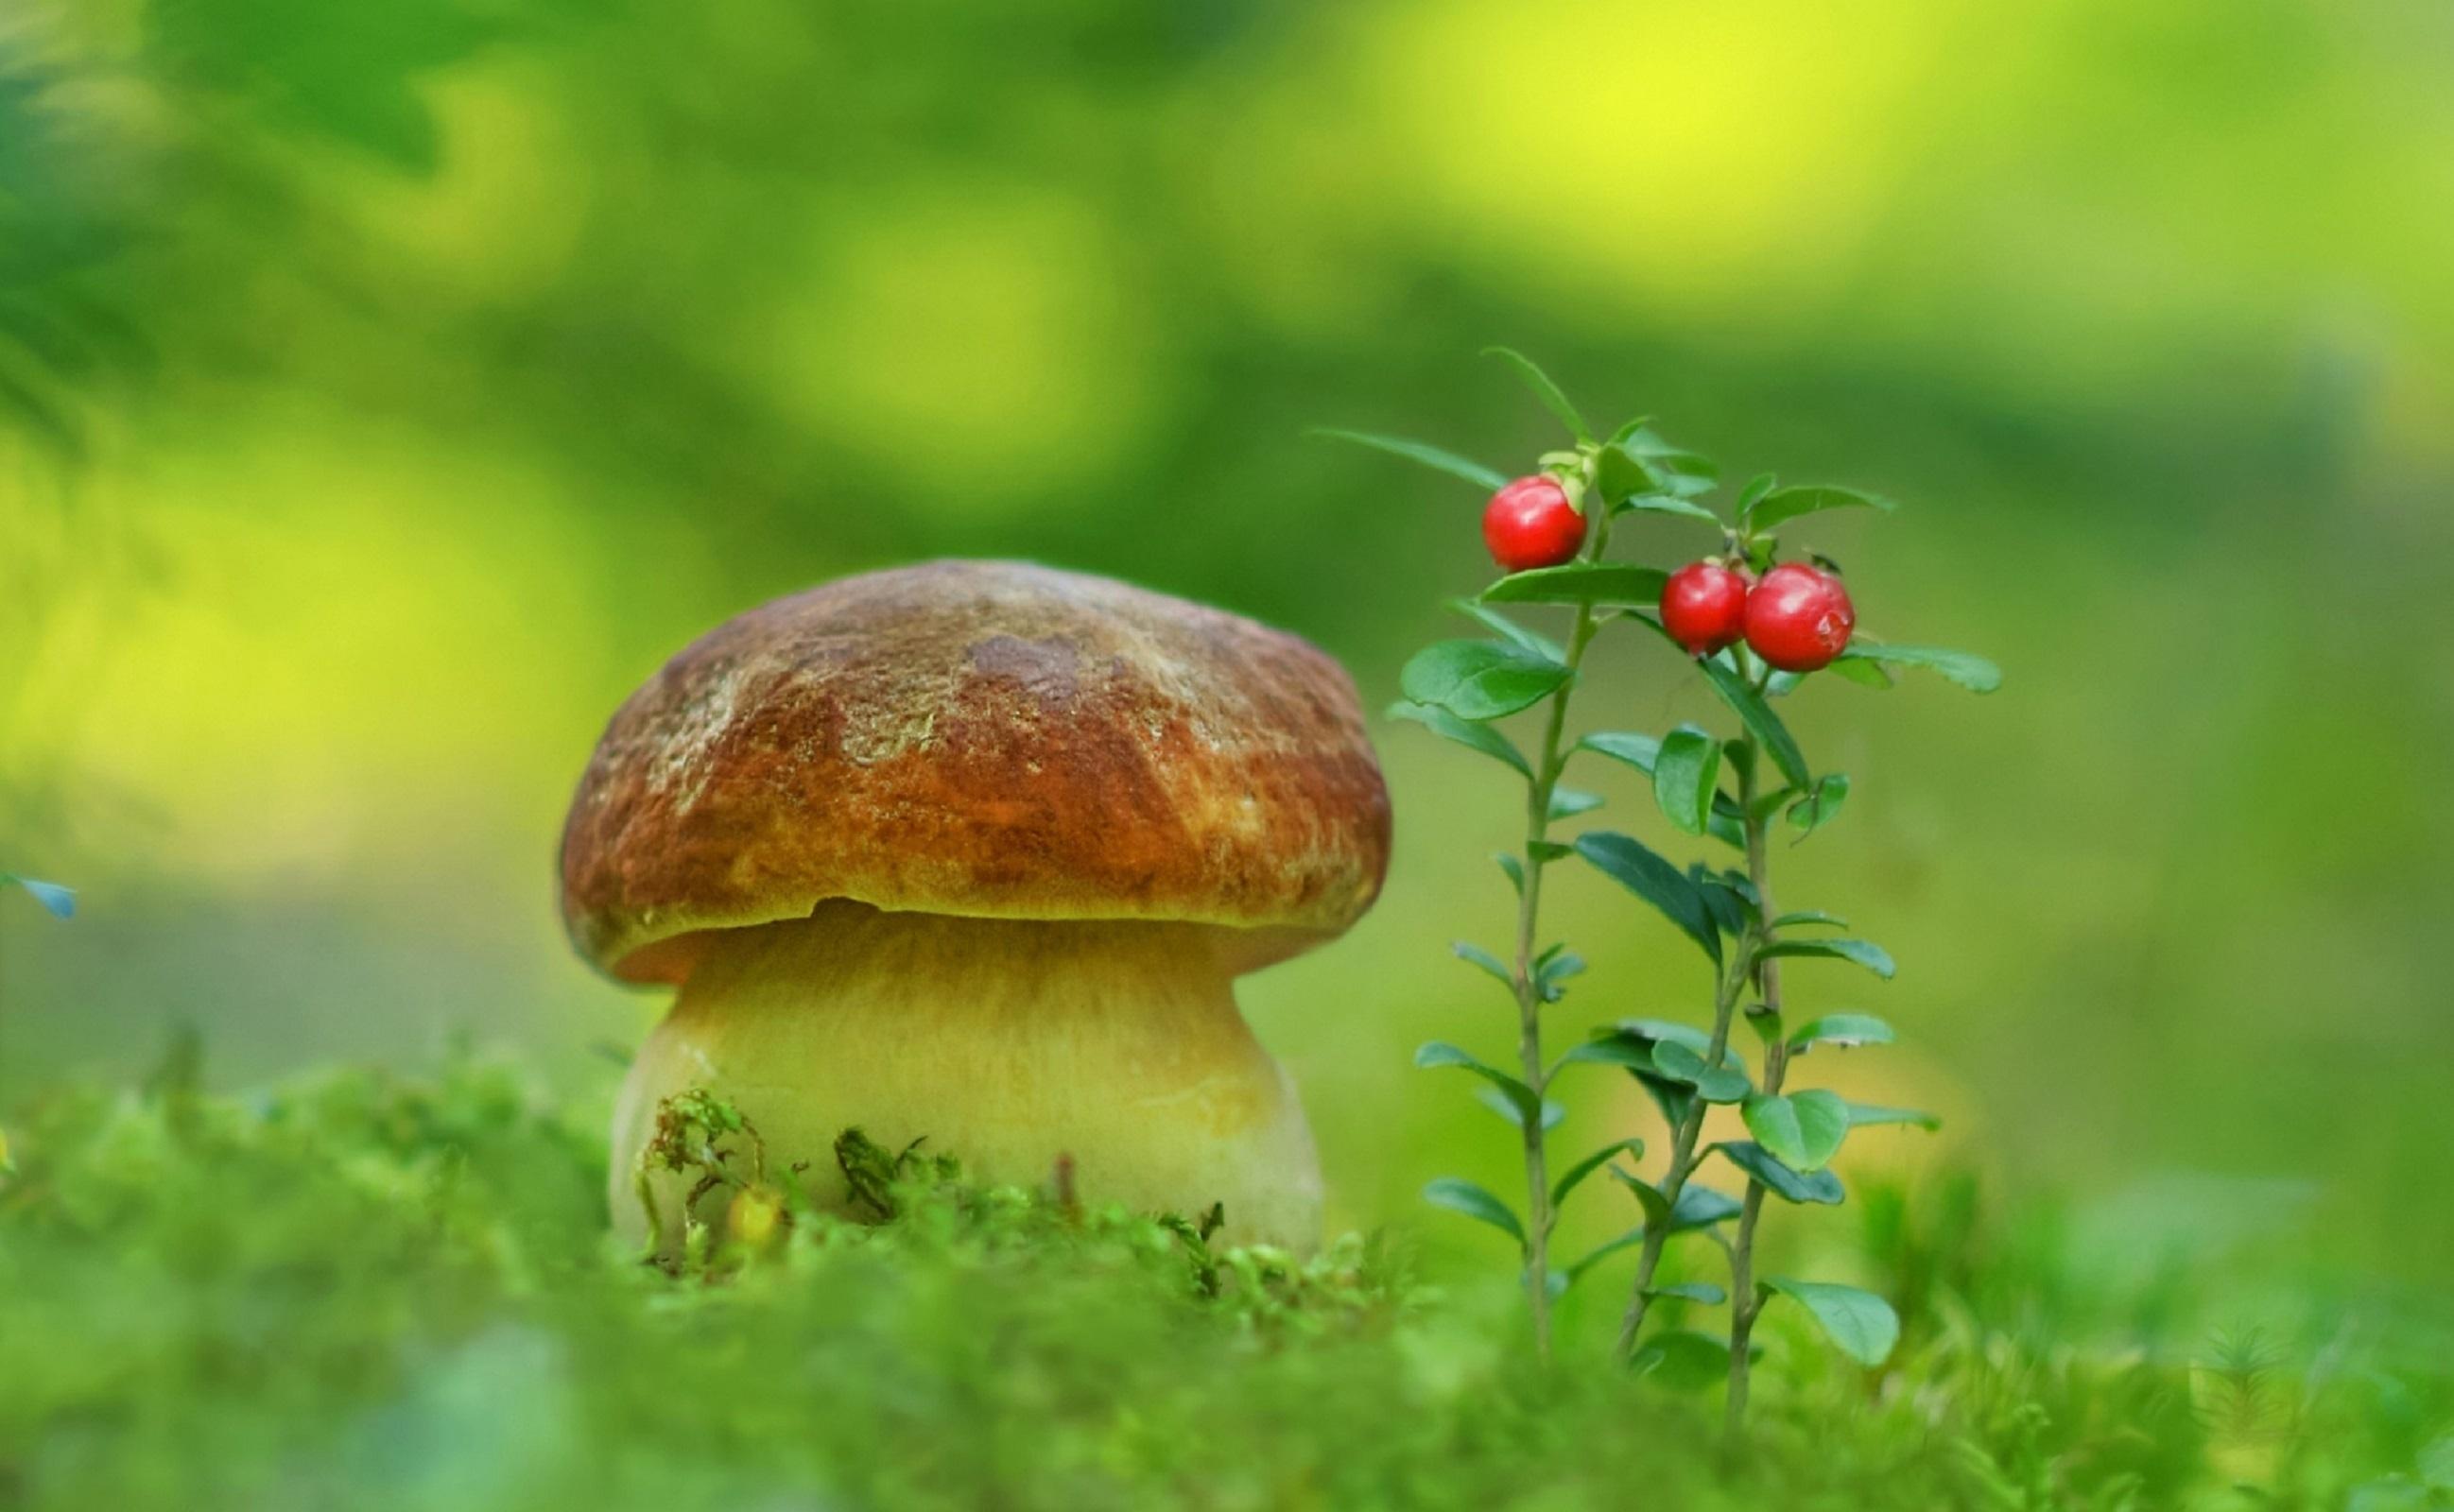 картинки для компьютера на рабочий стол грибы